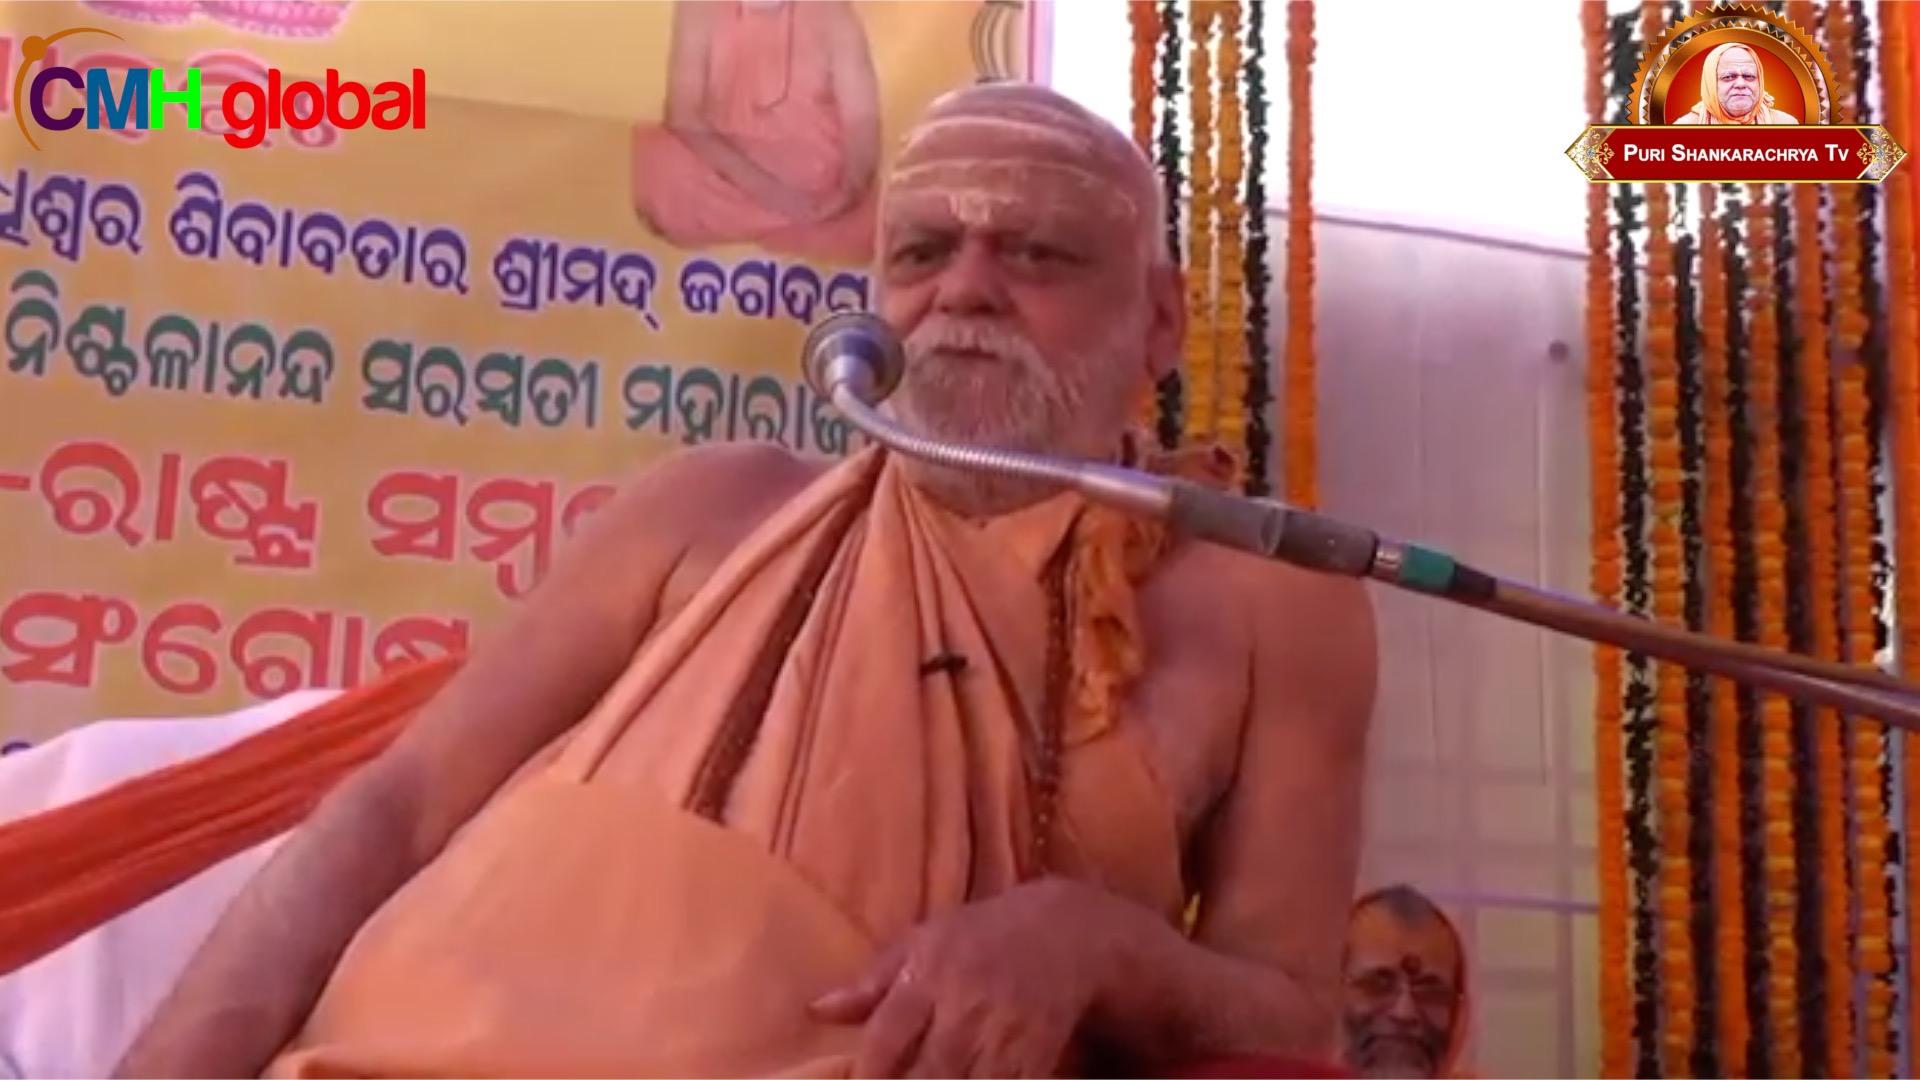 Pravachan Ep -07 by Puri Shankaracharya Swami Nishchalananda Saraswati Ji